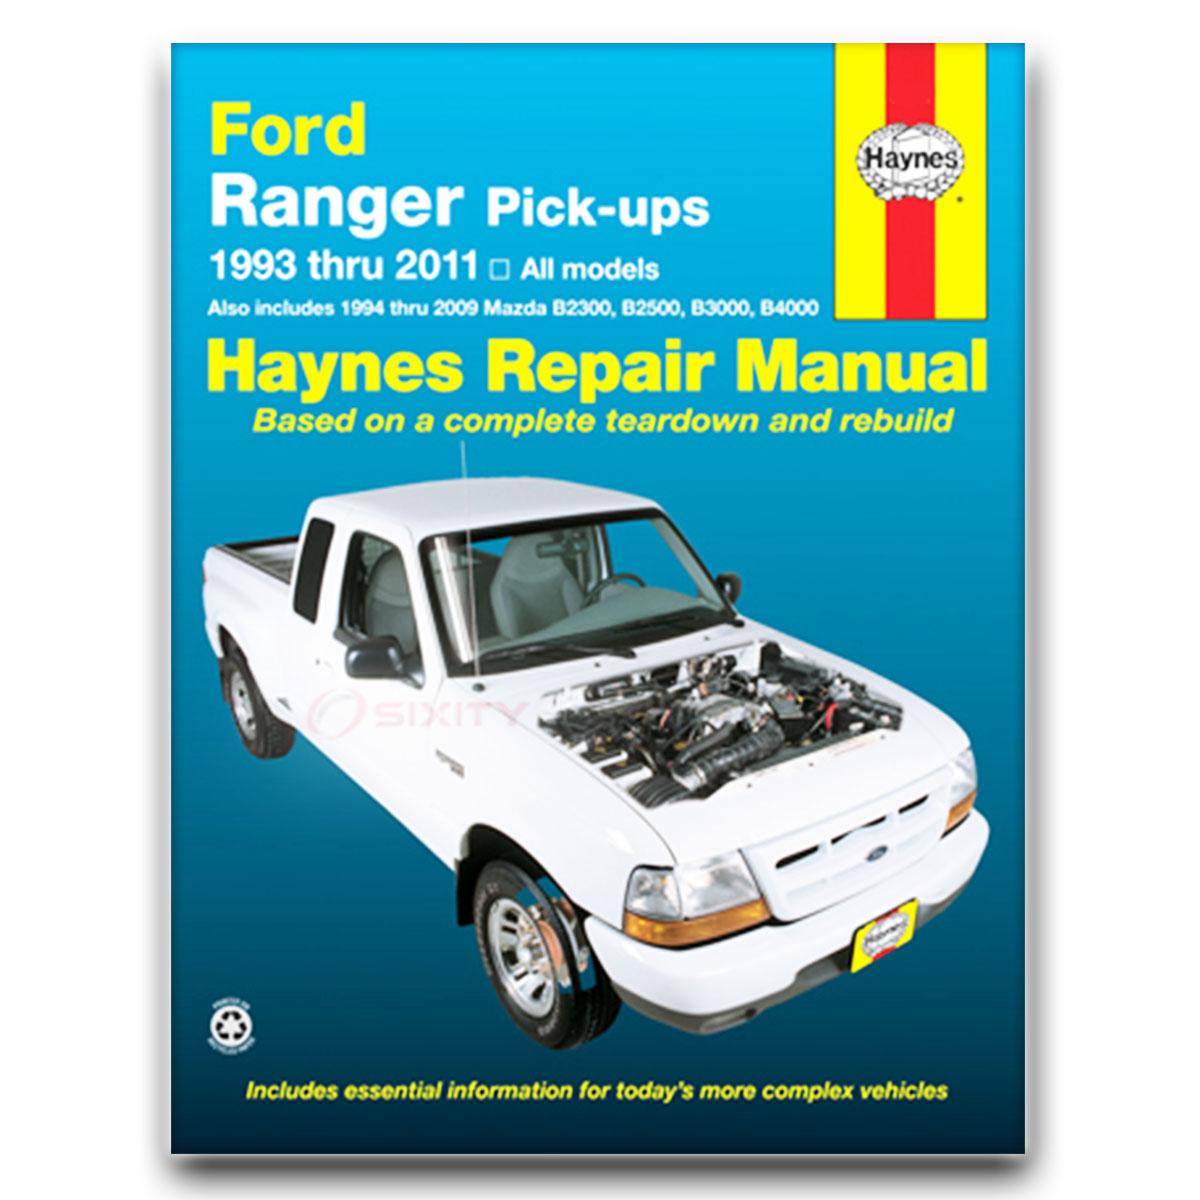 Haynes Ford Ranger Mazda Pick-ups 93-10 Repair Manual